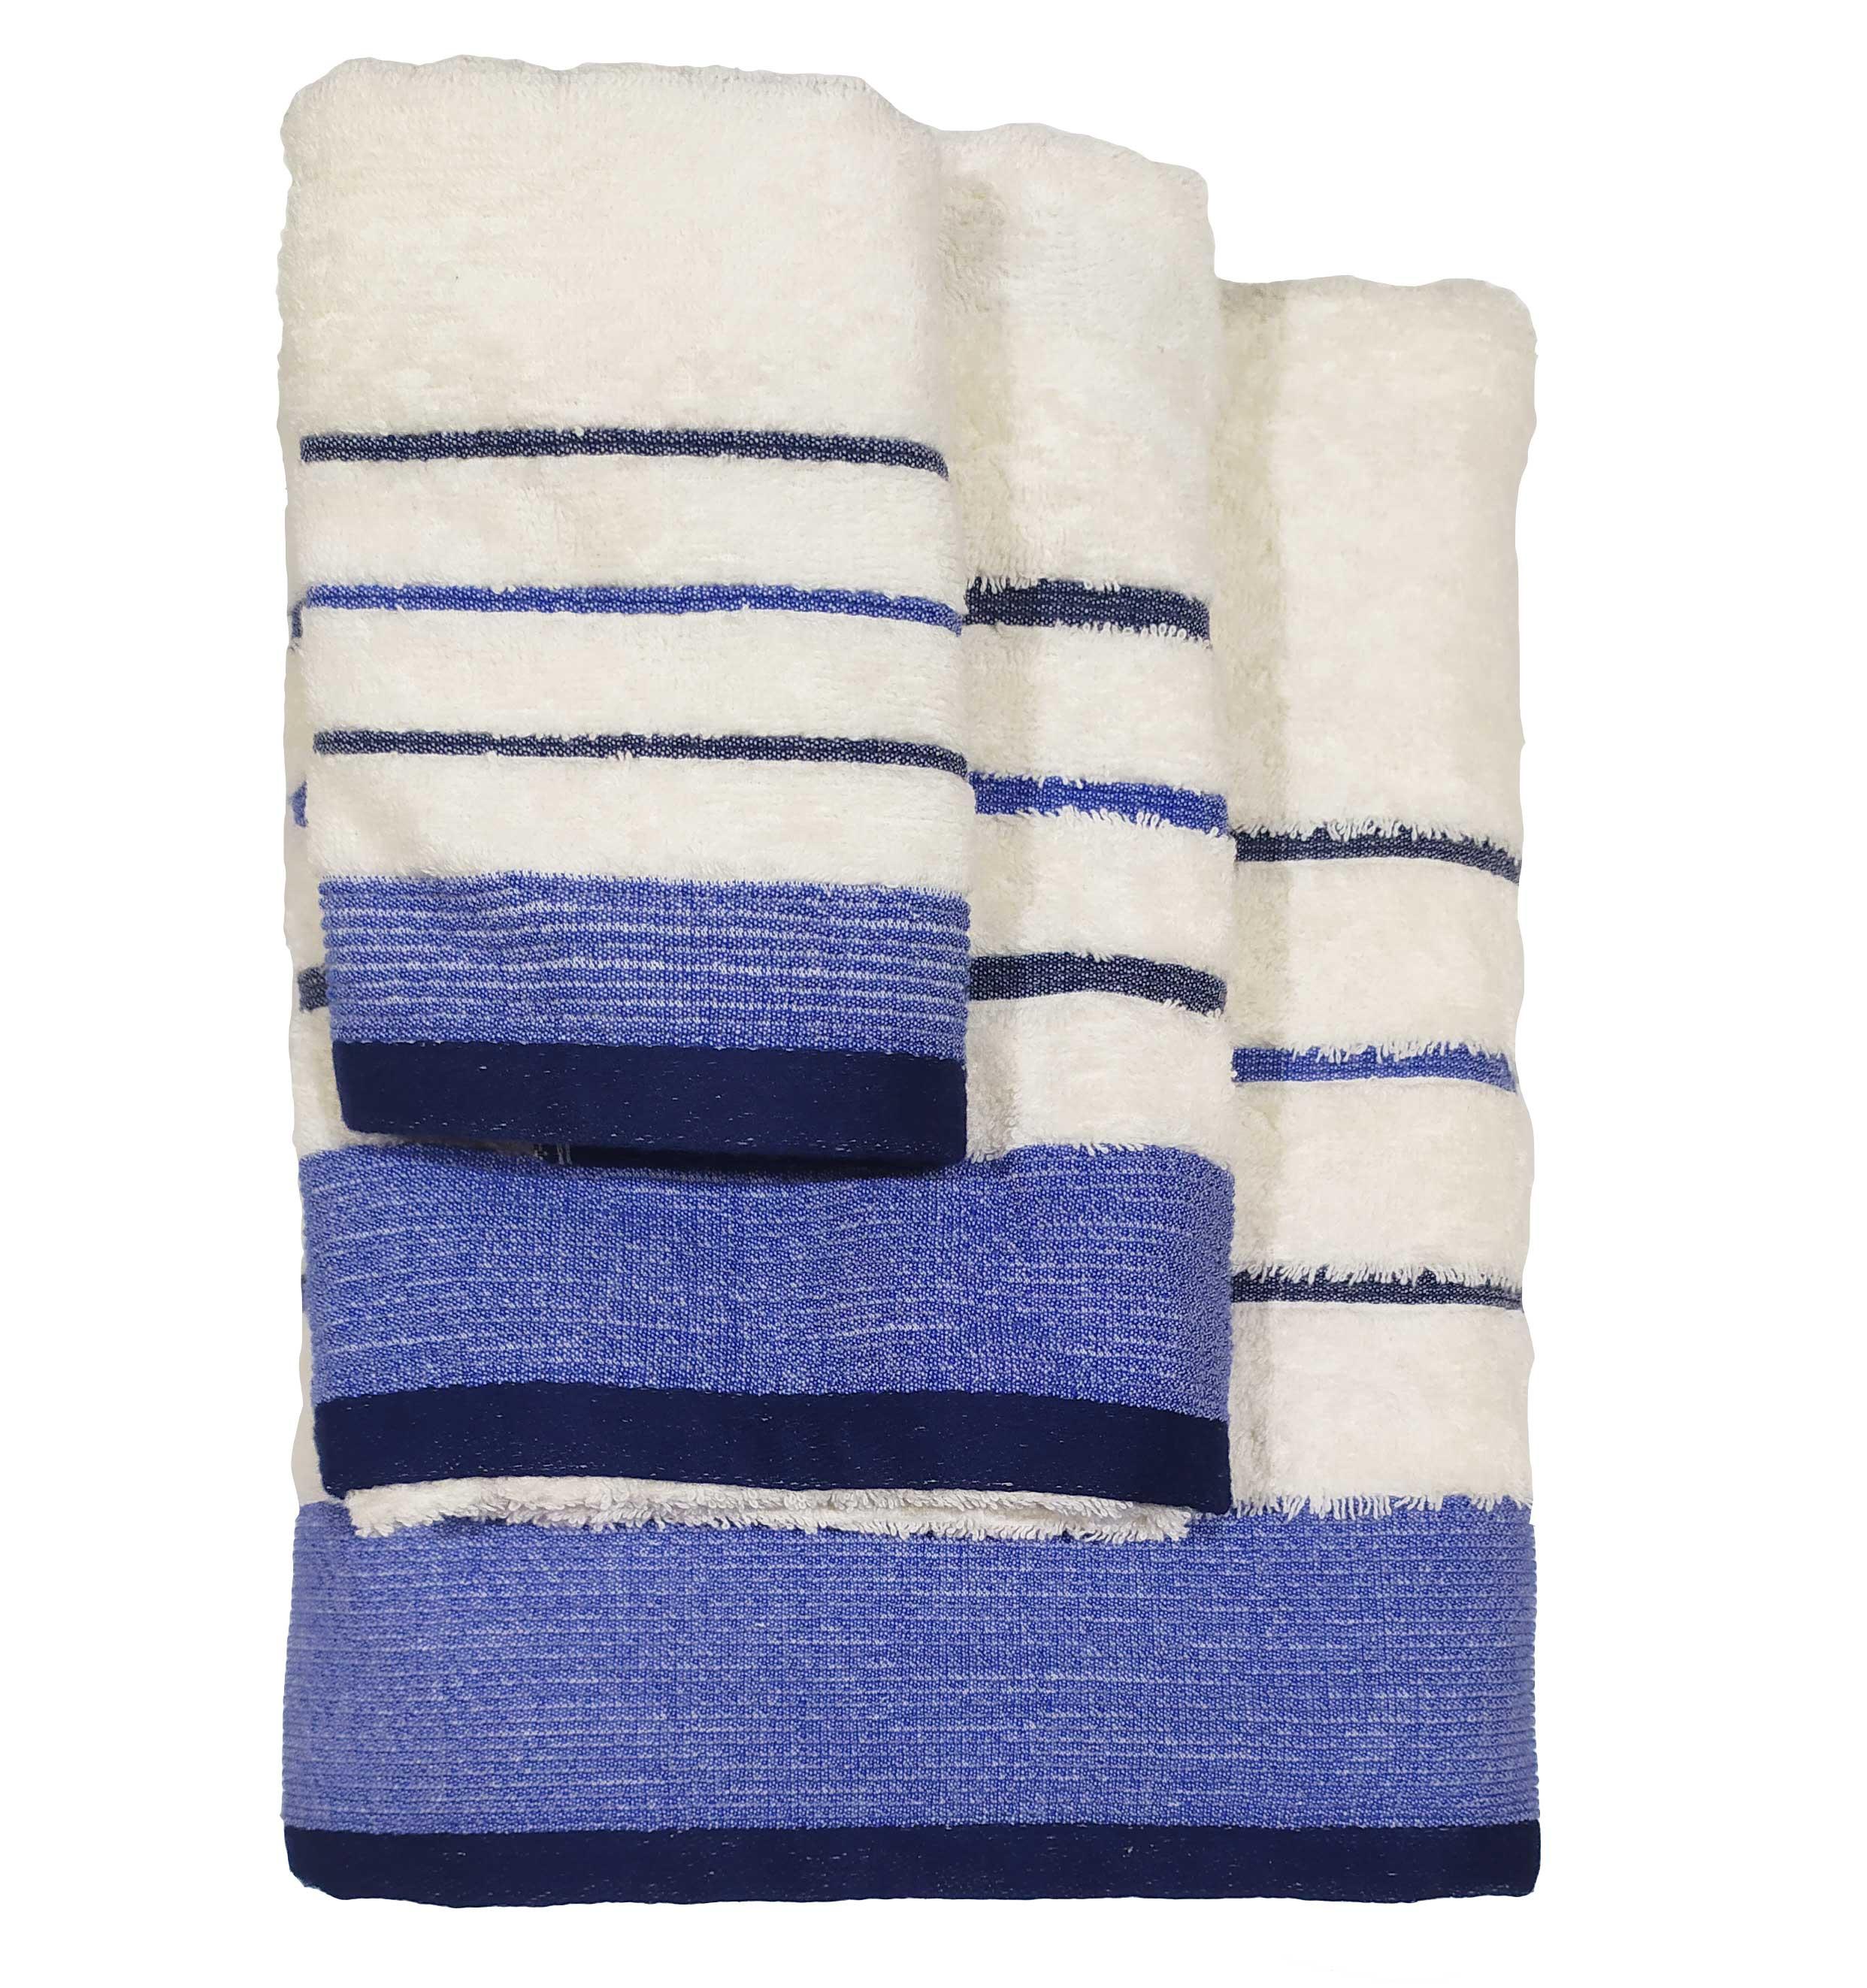 Σετ πετσέτες 3τμχ Βαμβακερές Raya Ekrou-Blue 24home – 24home.gr – raya-ekrou-blue